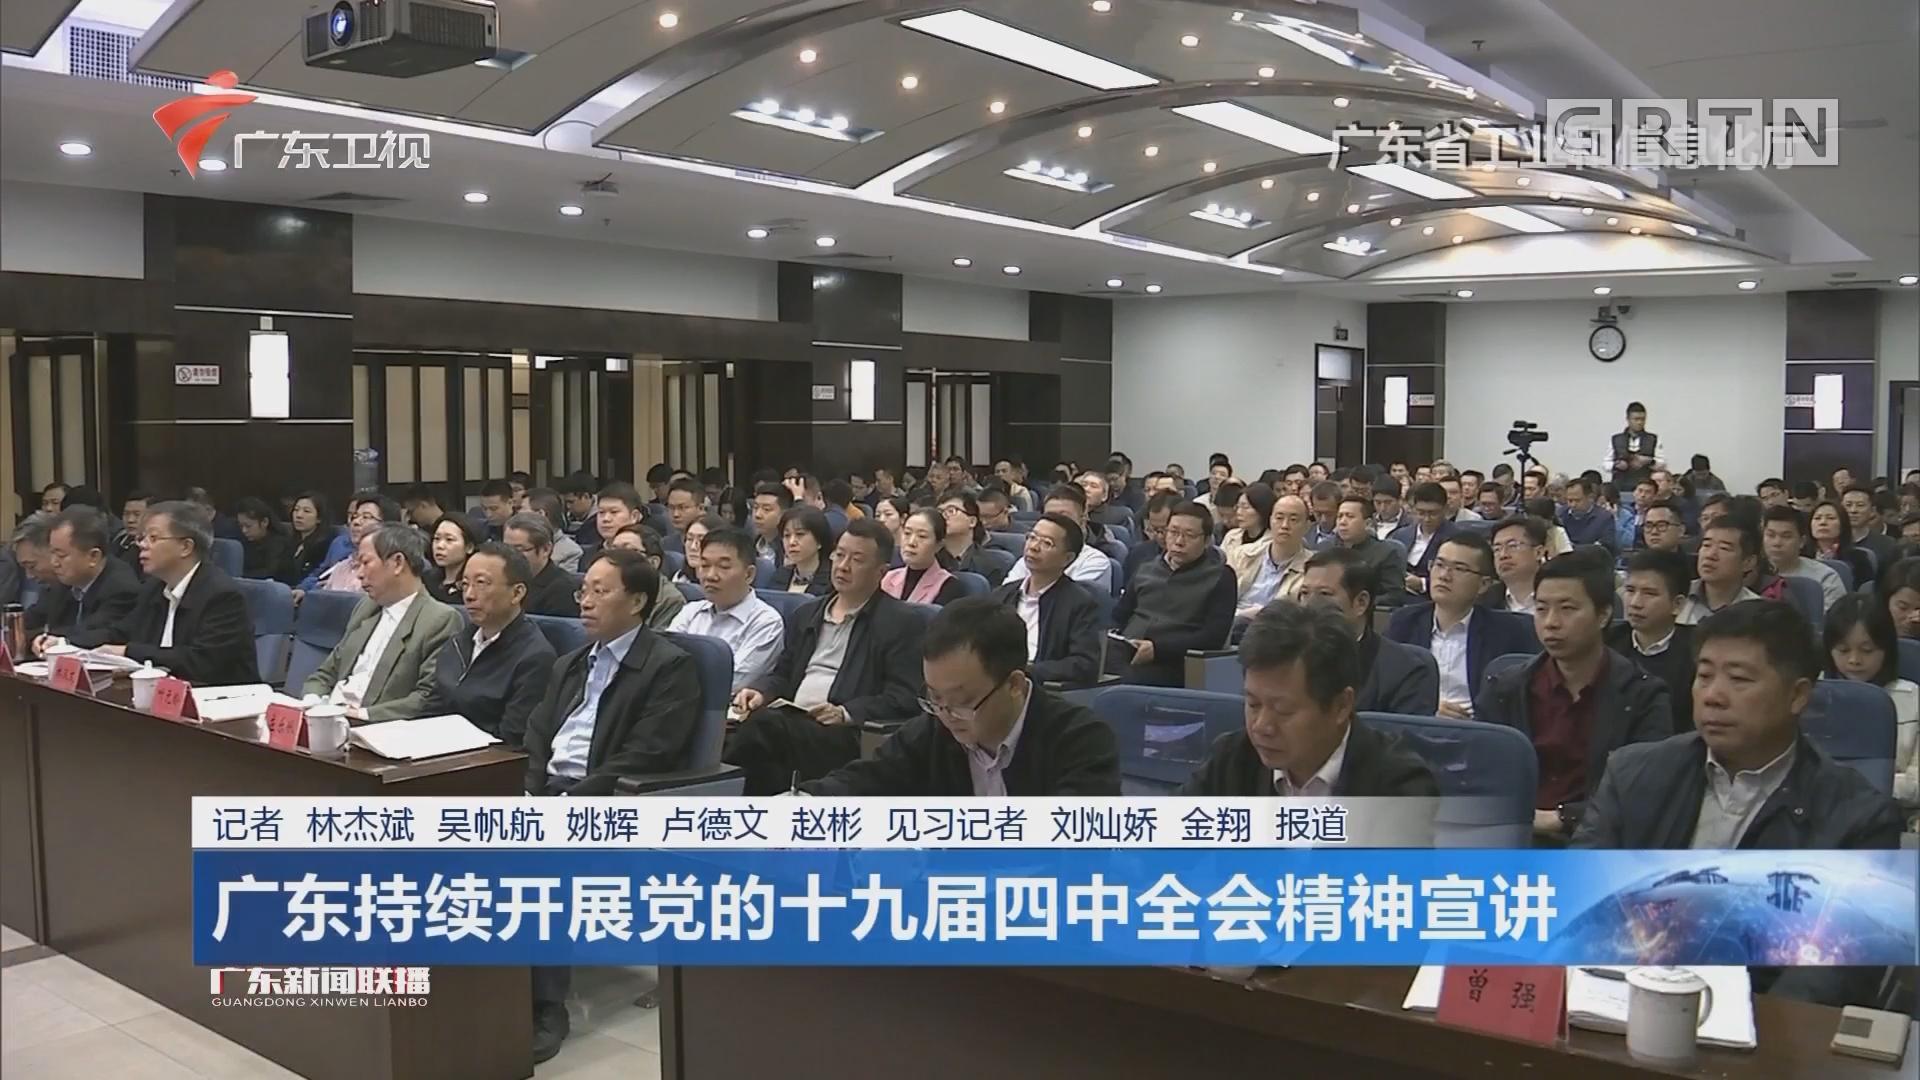 广东持续开展党的十九届四中全会精神宣讲